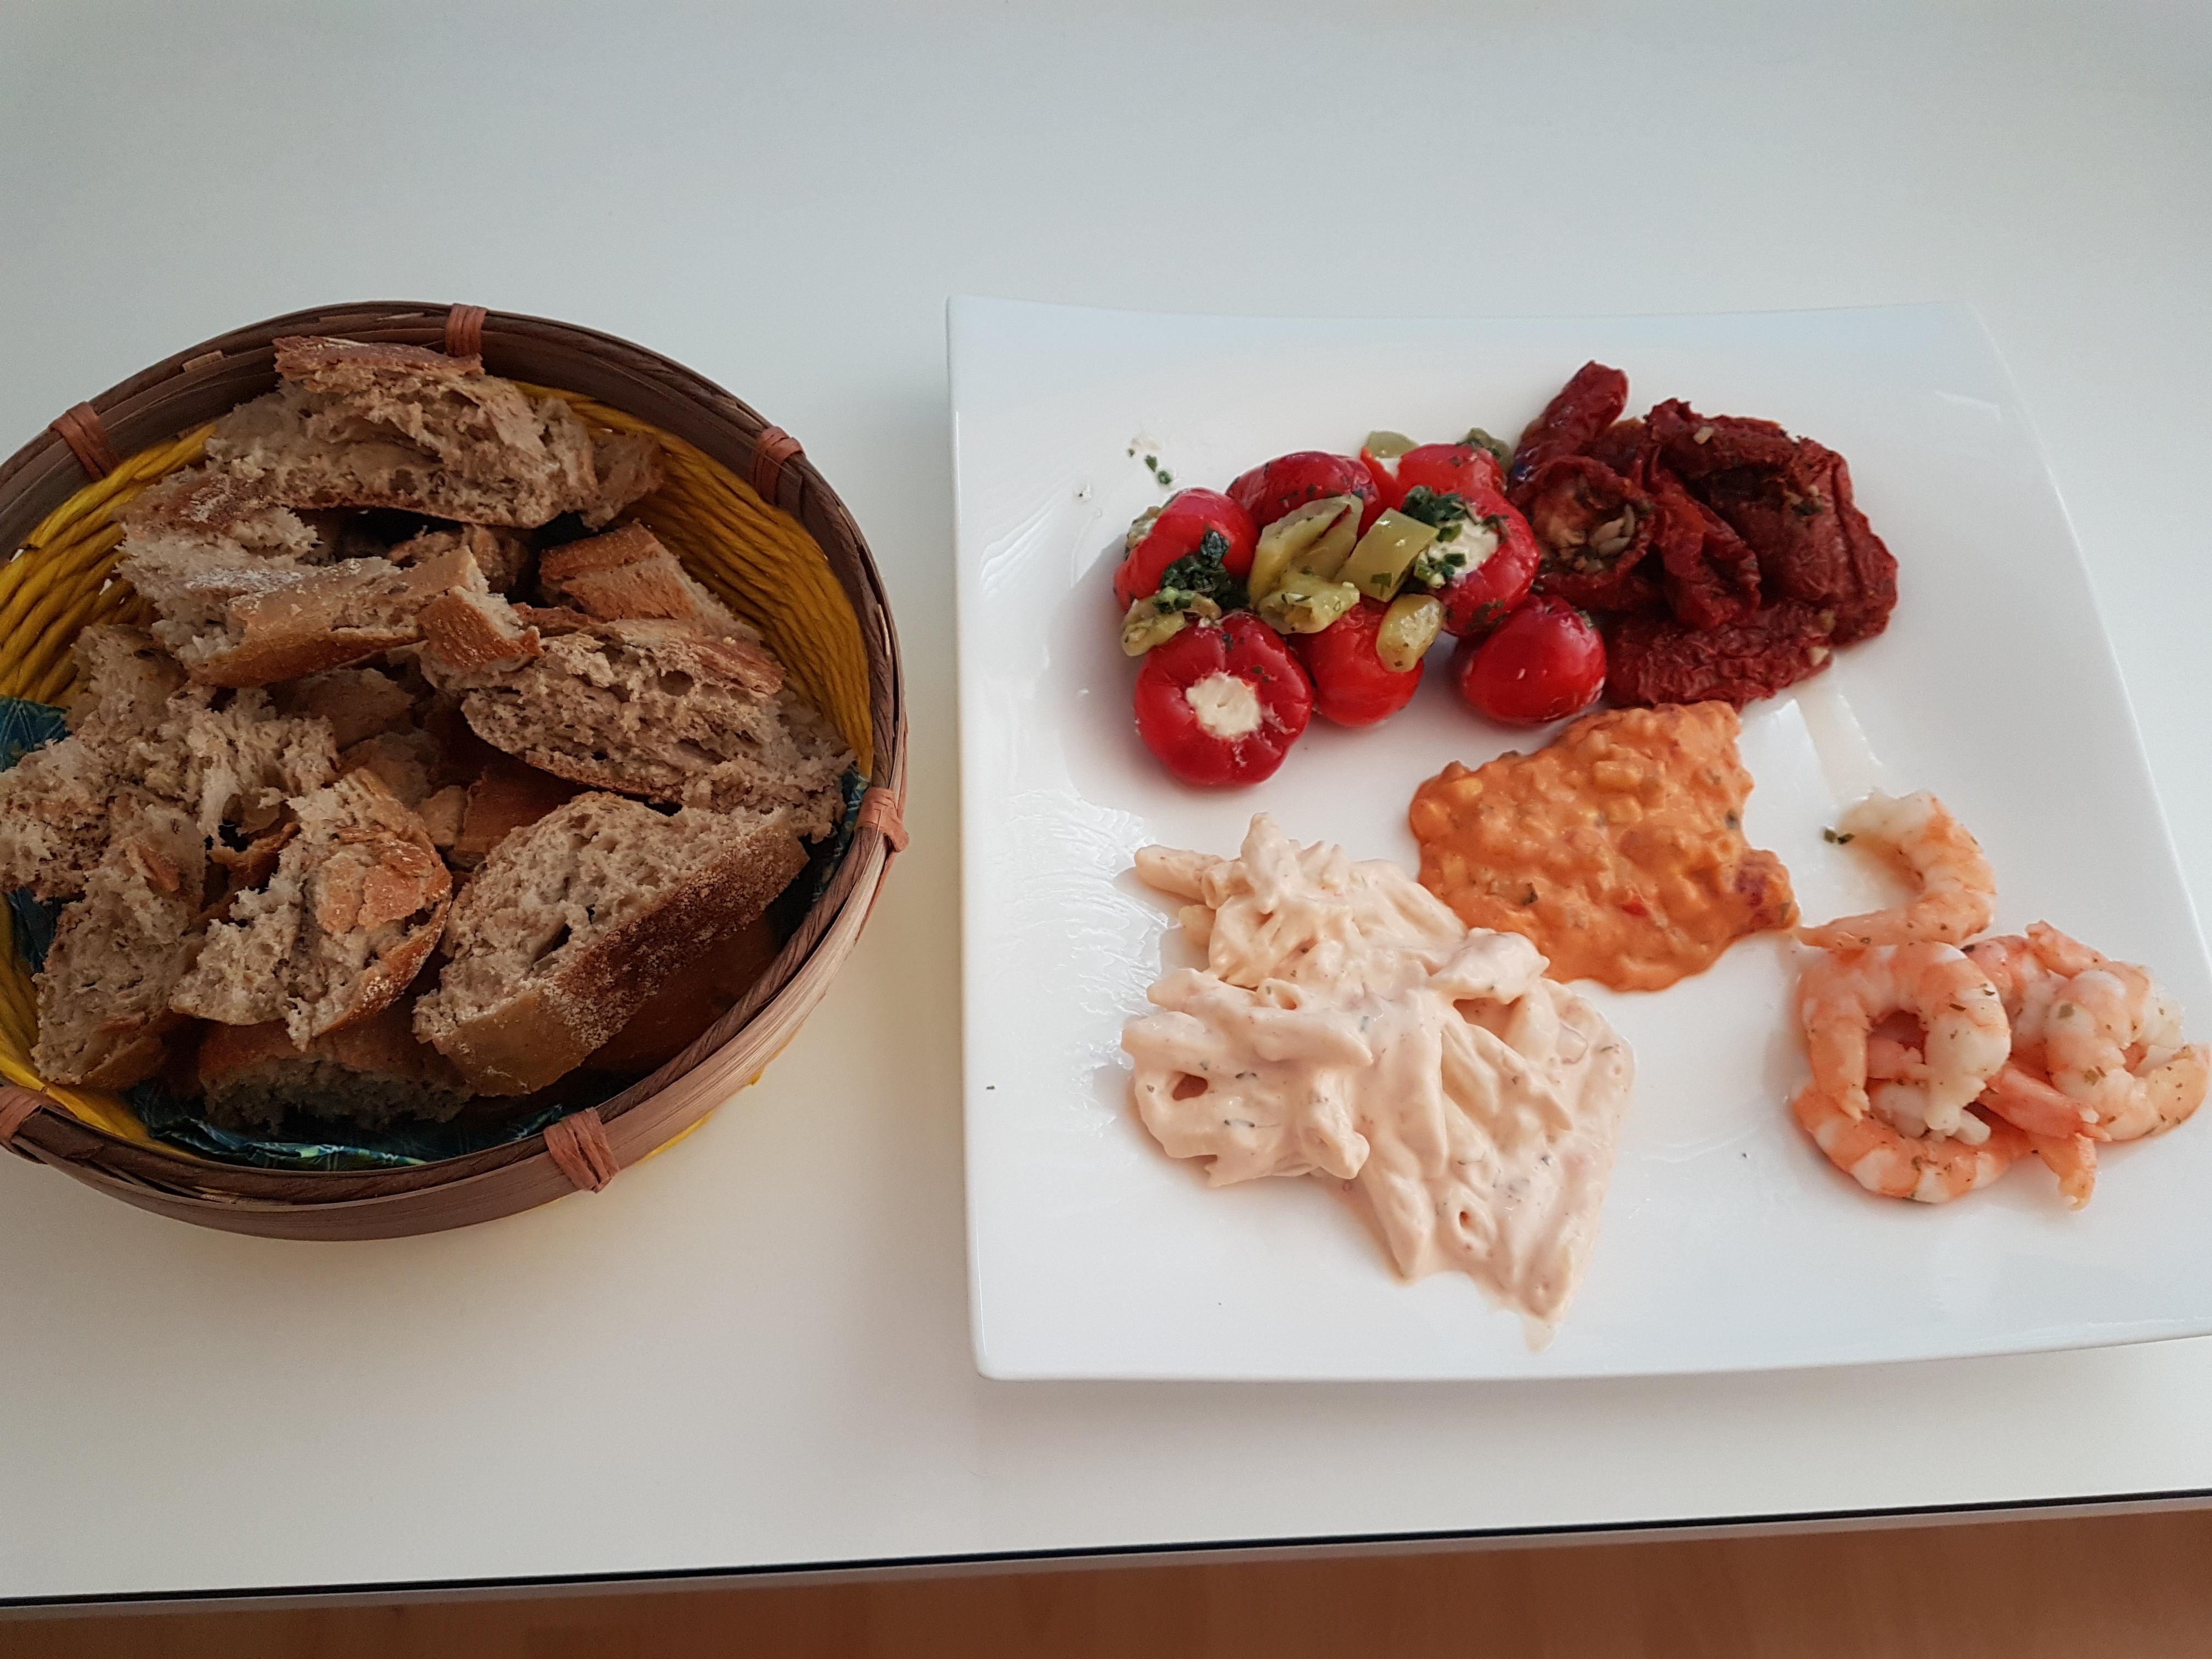 http://foodloader.net/Holz_2018-03-05_Antipasti.jpg